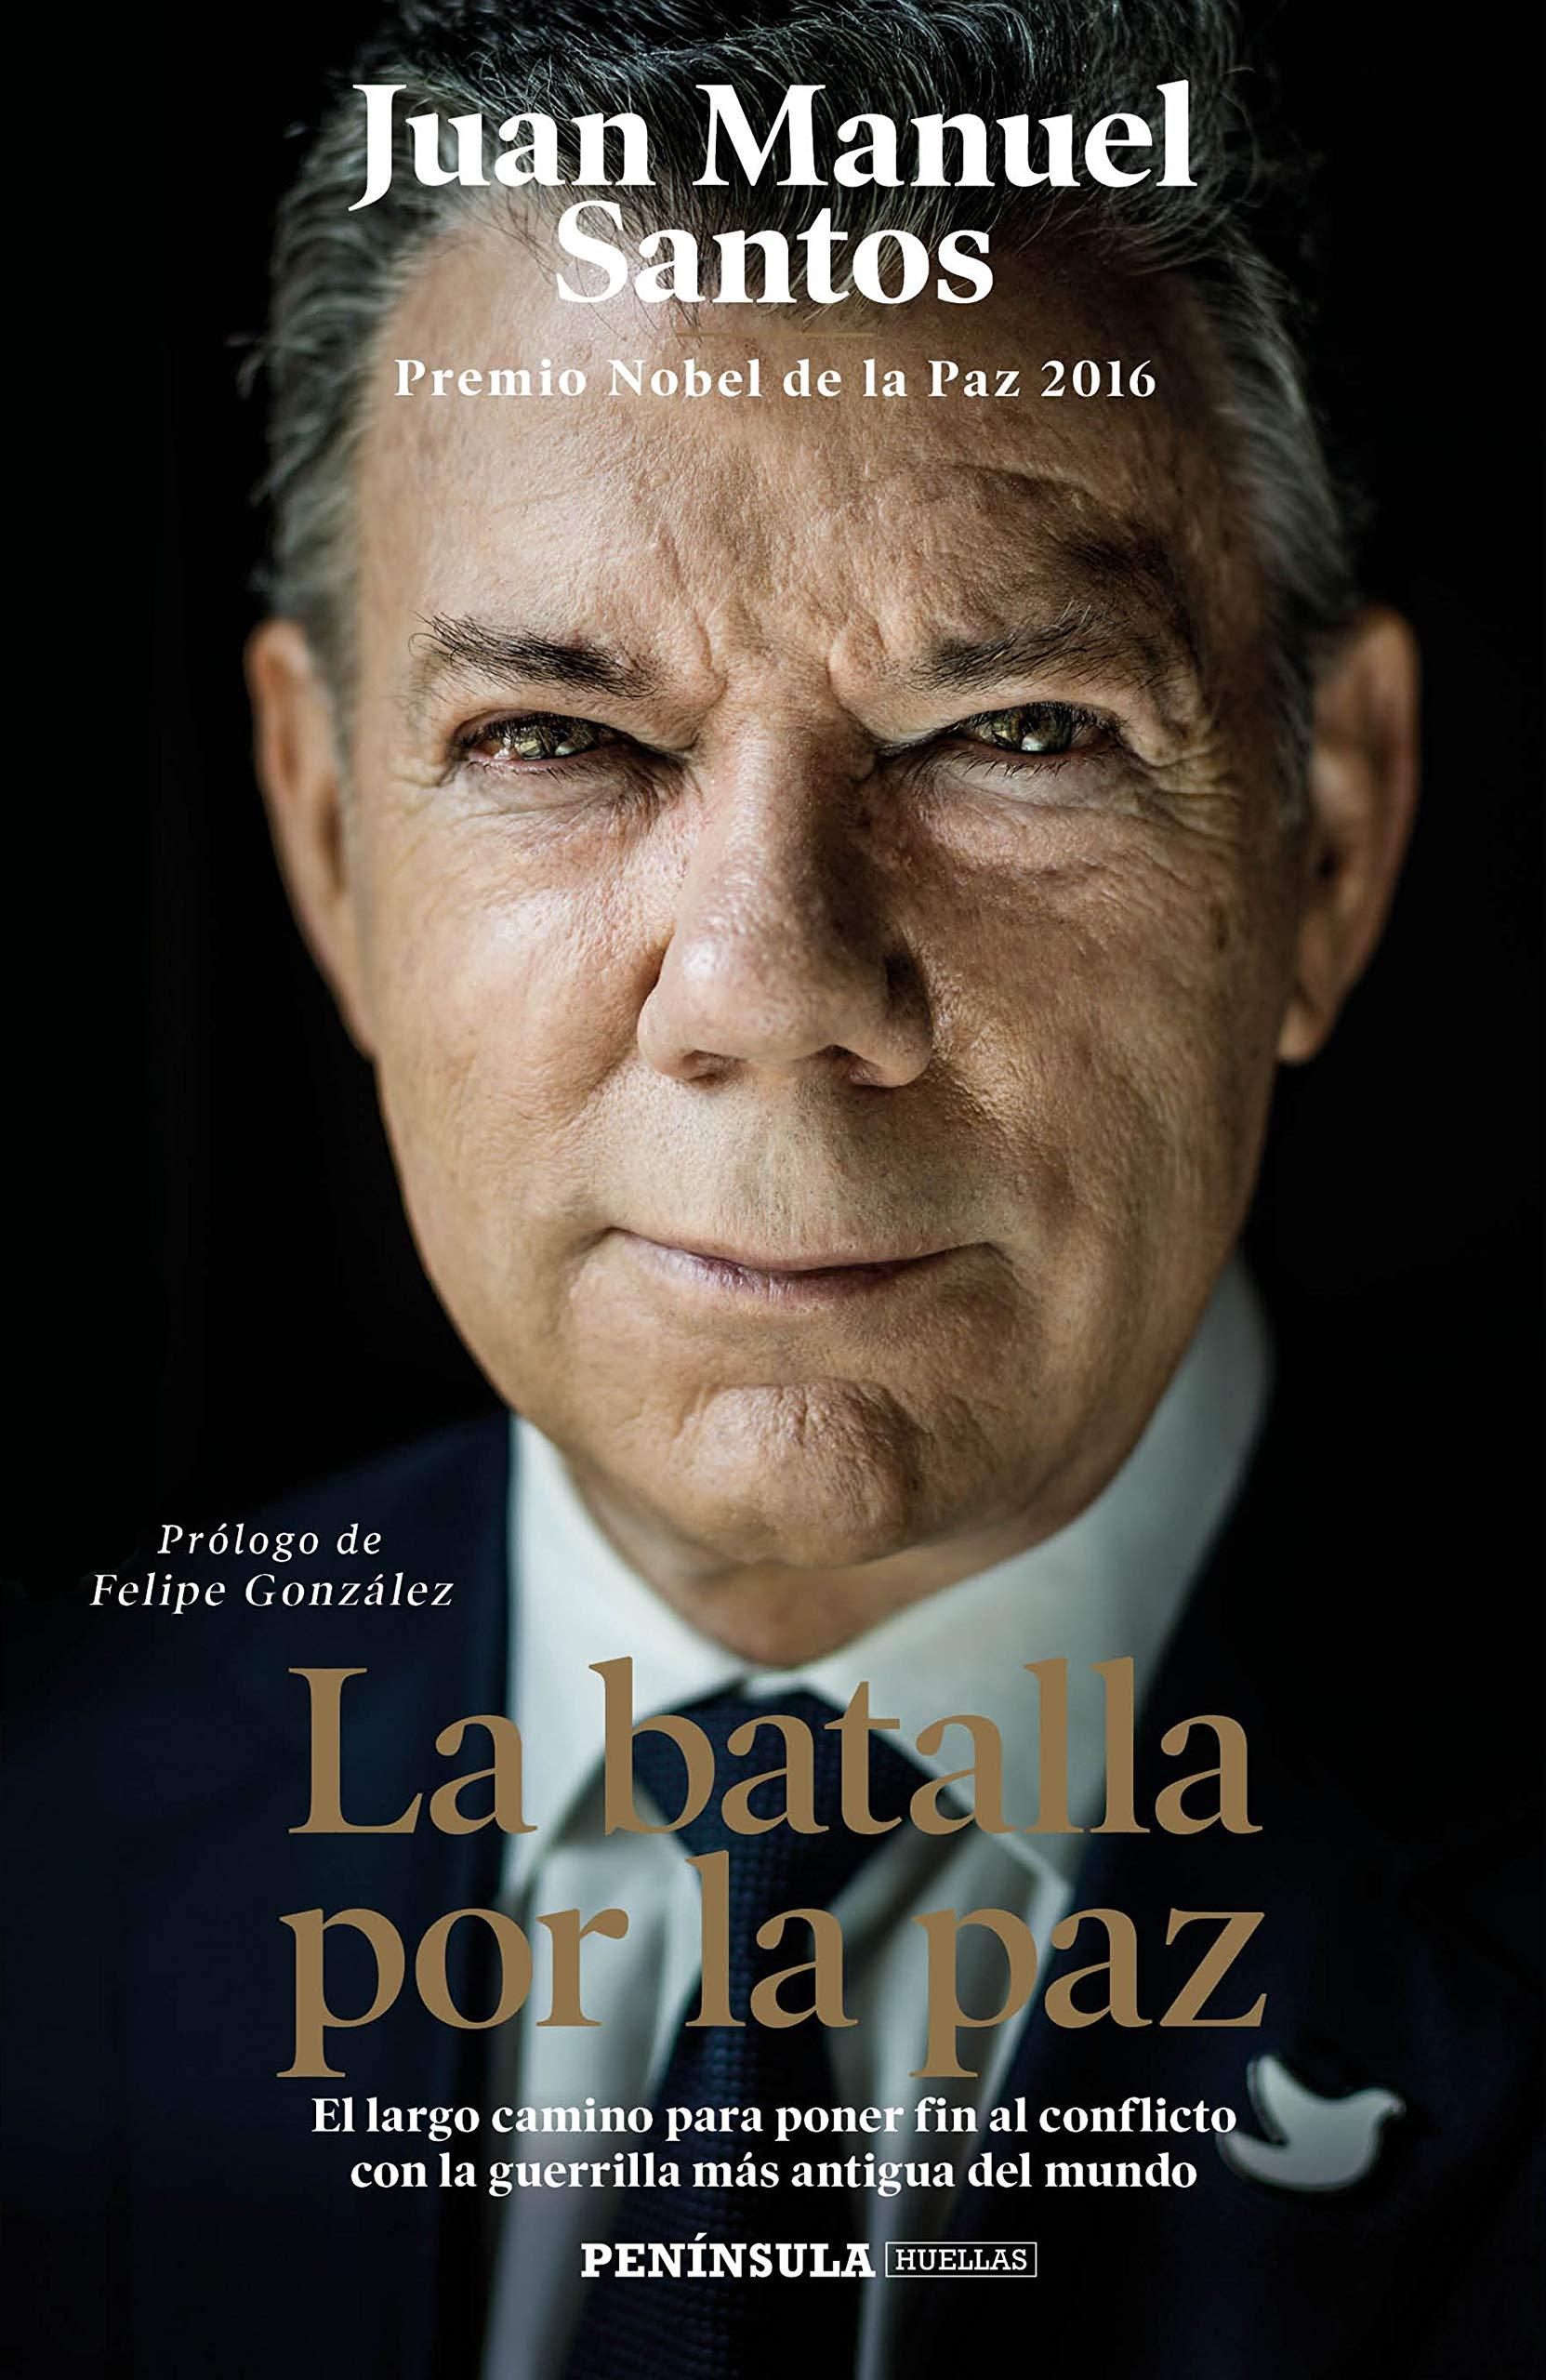 La batalla por la paz: El largo camino para poner fin al conflicto con la guerrilla más antigua del mundo. Prólogo de Felipe González (HUELLAS)